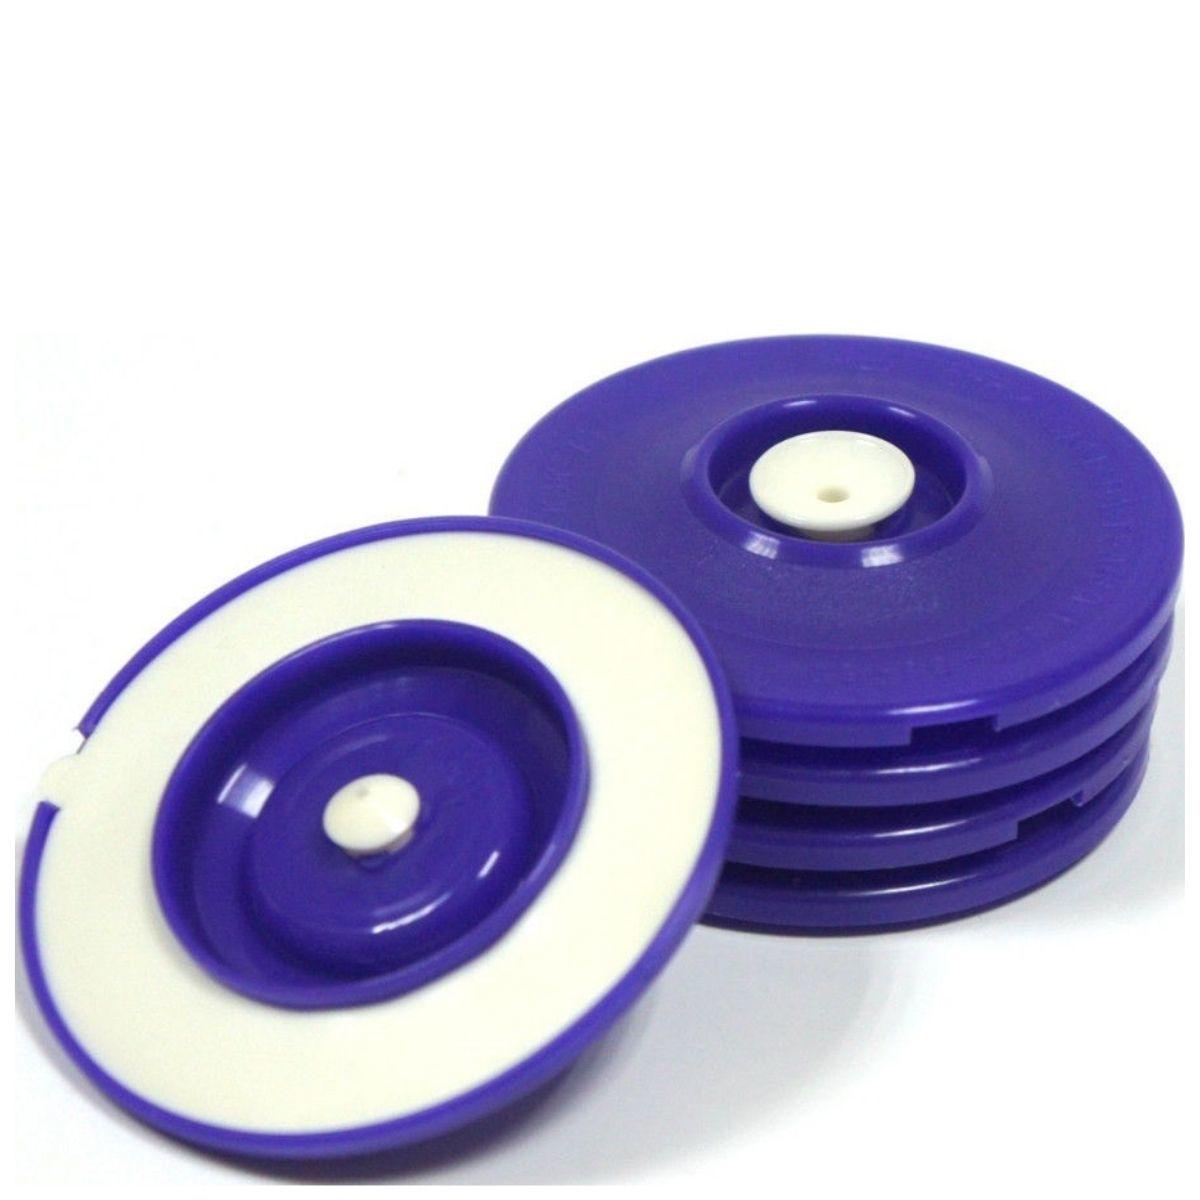 Крышка ВАКС 42-70 мм для вакуумного хранения и консервирования